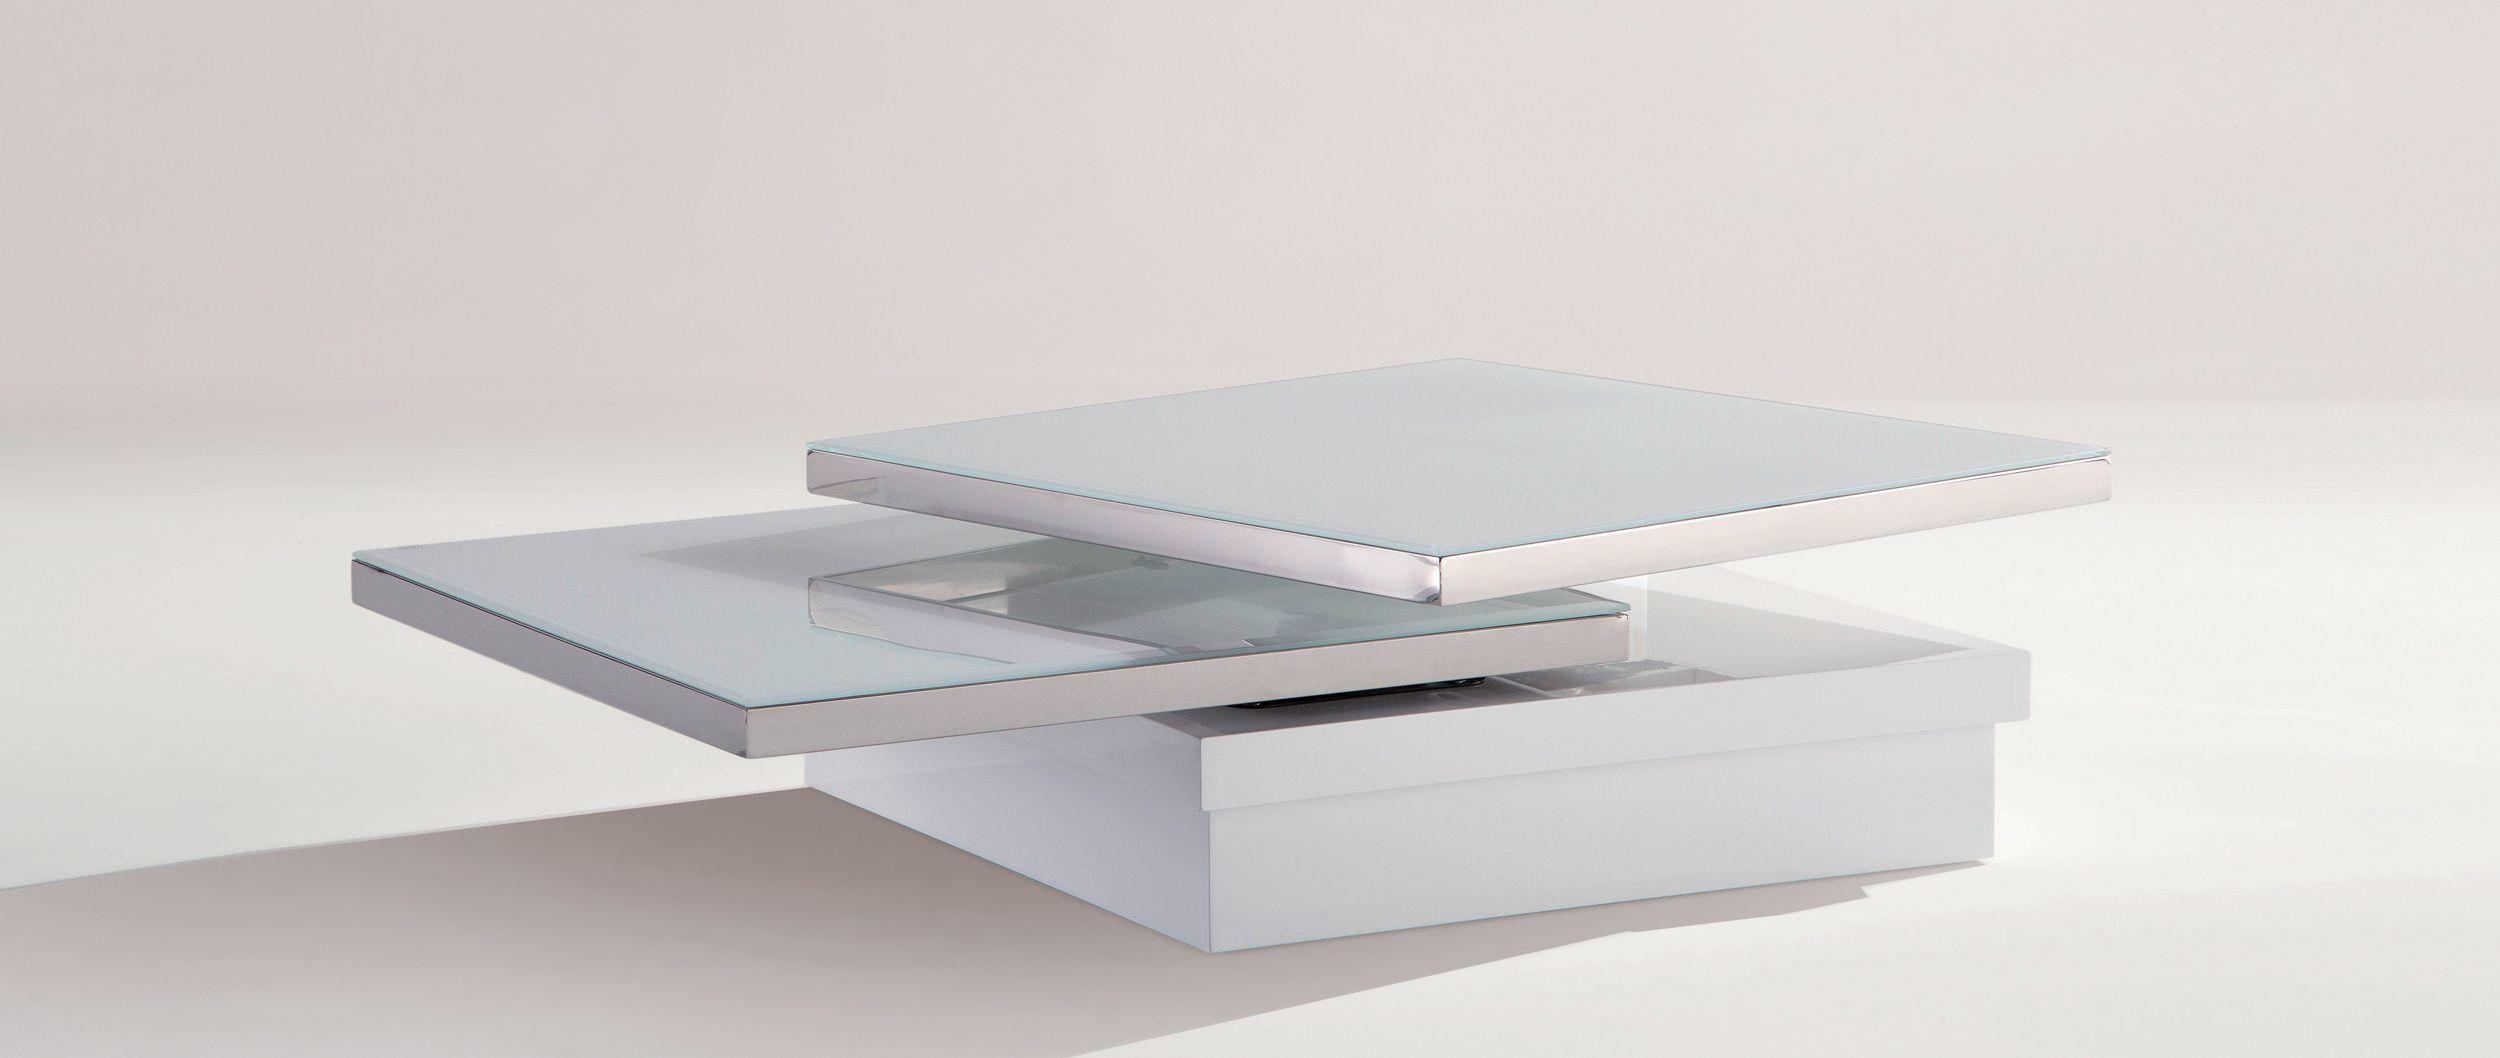 Table basse sigma plateaux pivotants en chrome et verre - Table basse cuir center ...